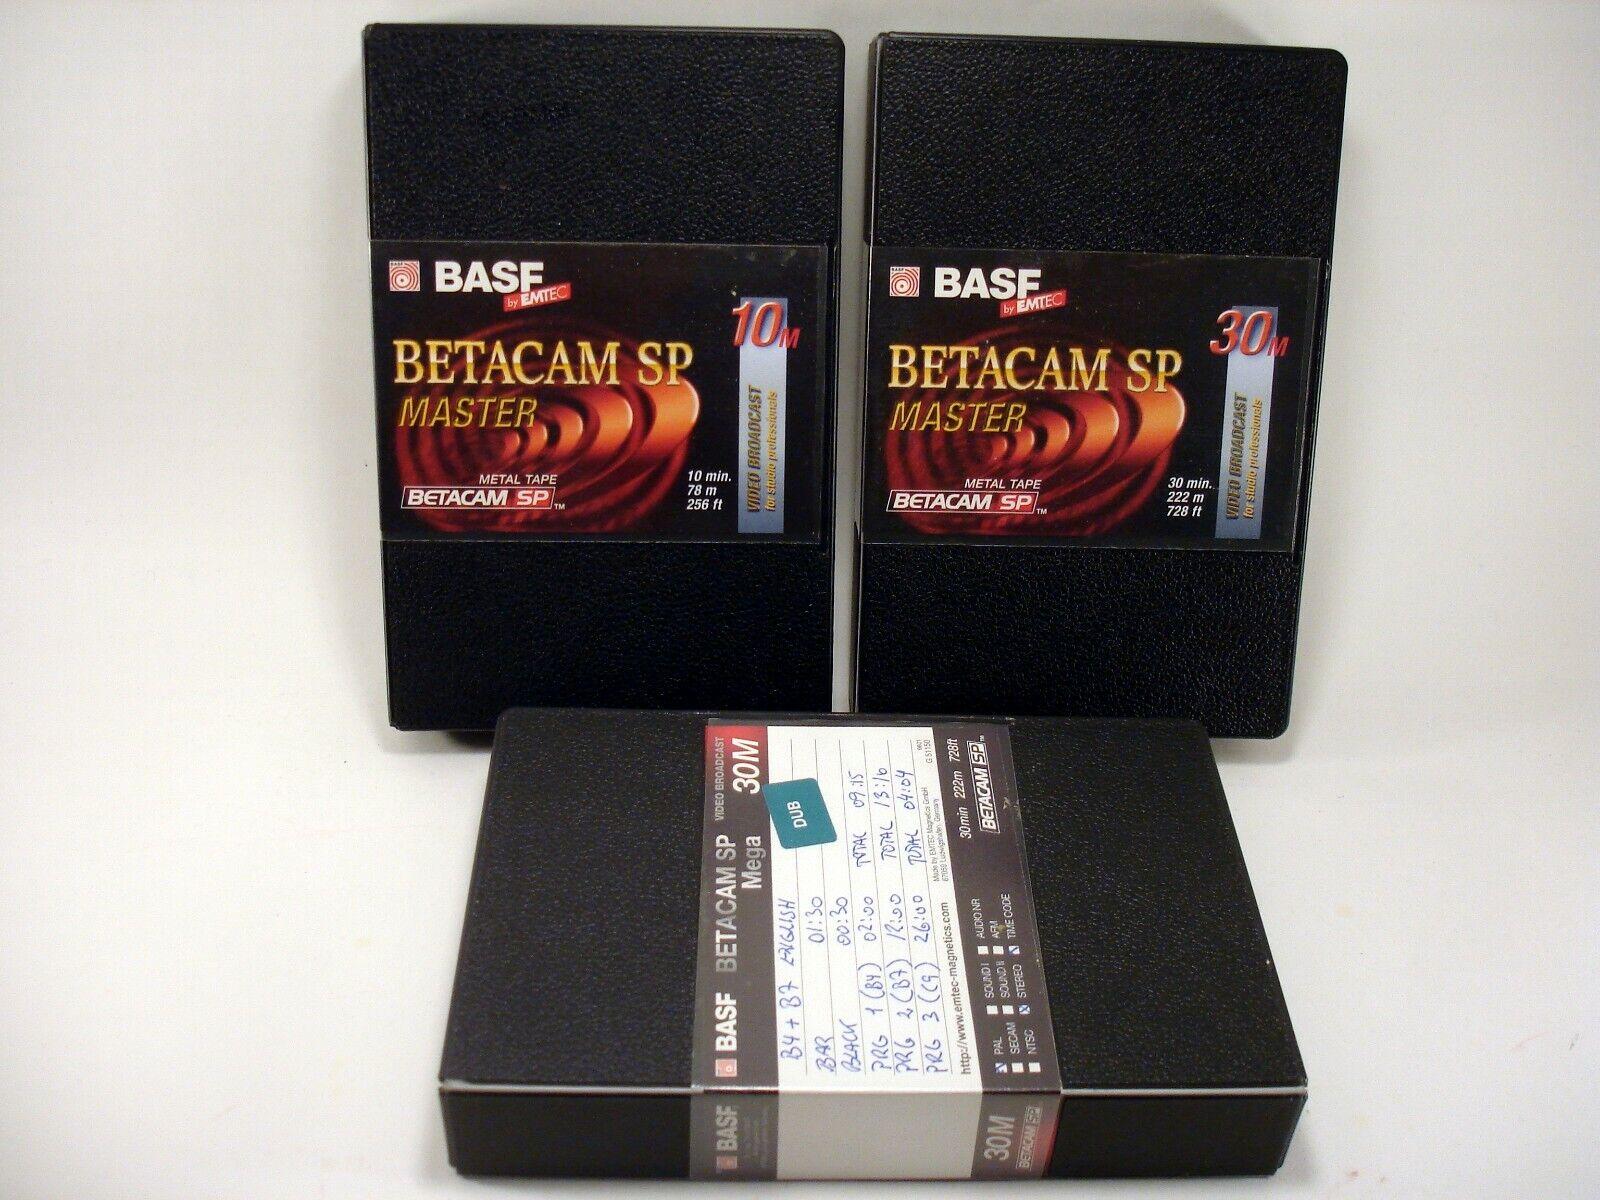 3 pc BASF Betacam SP Metal Video Cassette Tape with Case